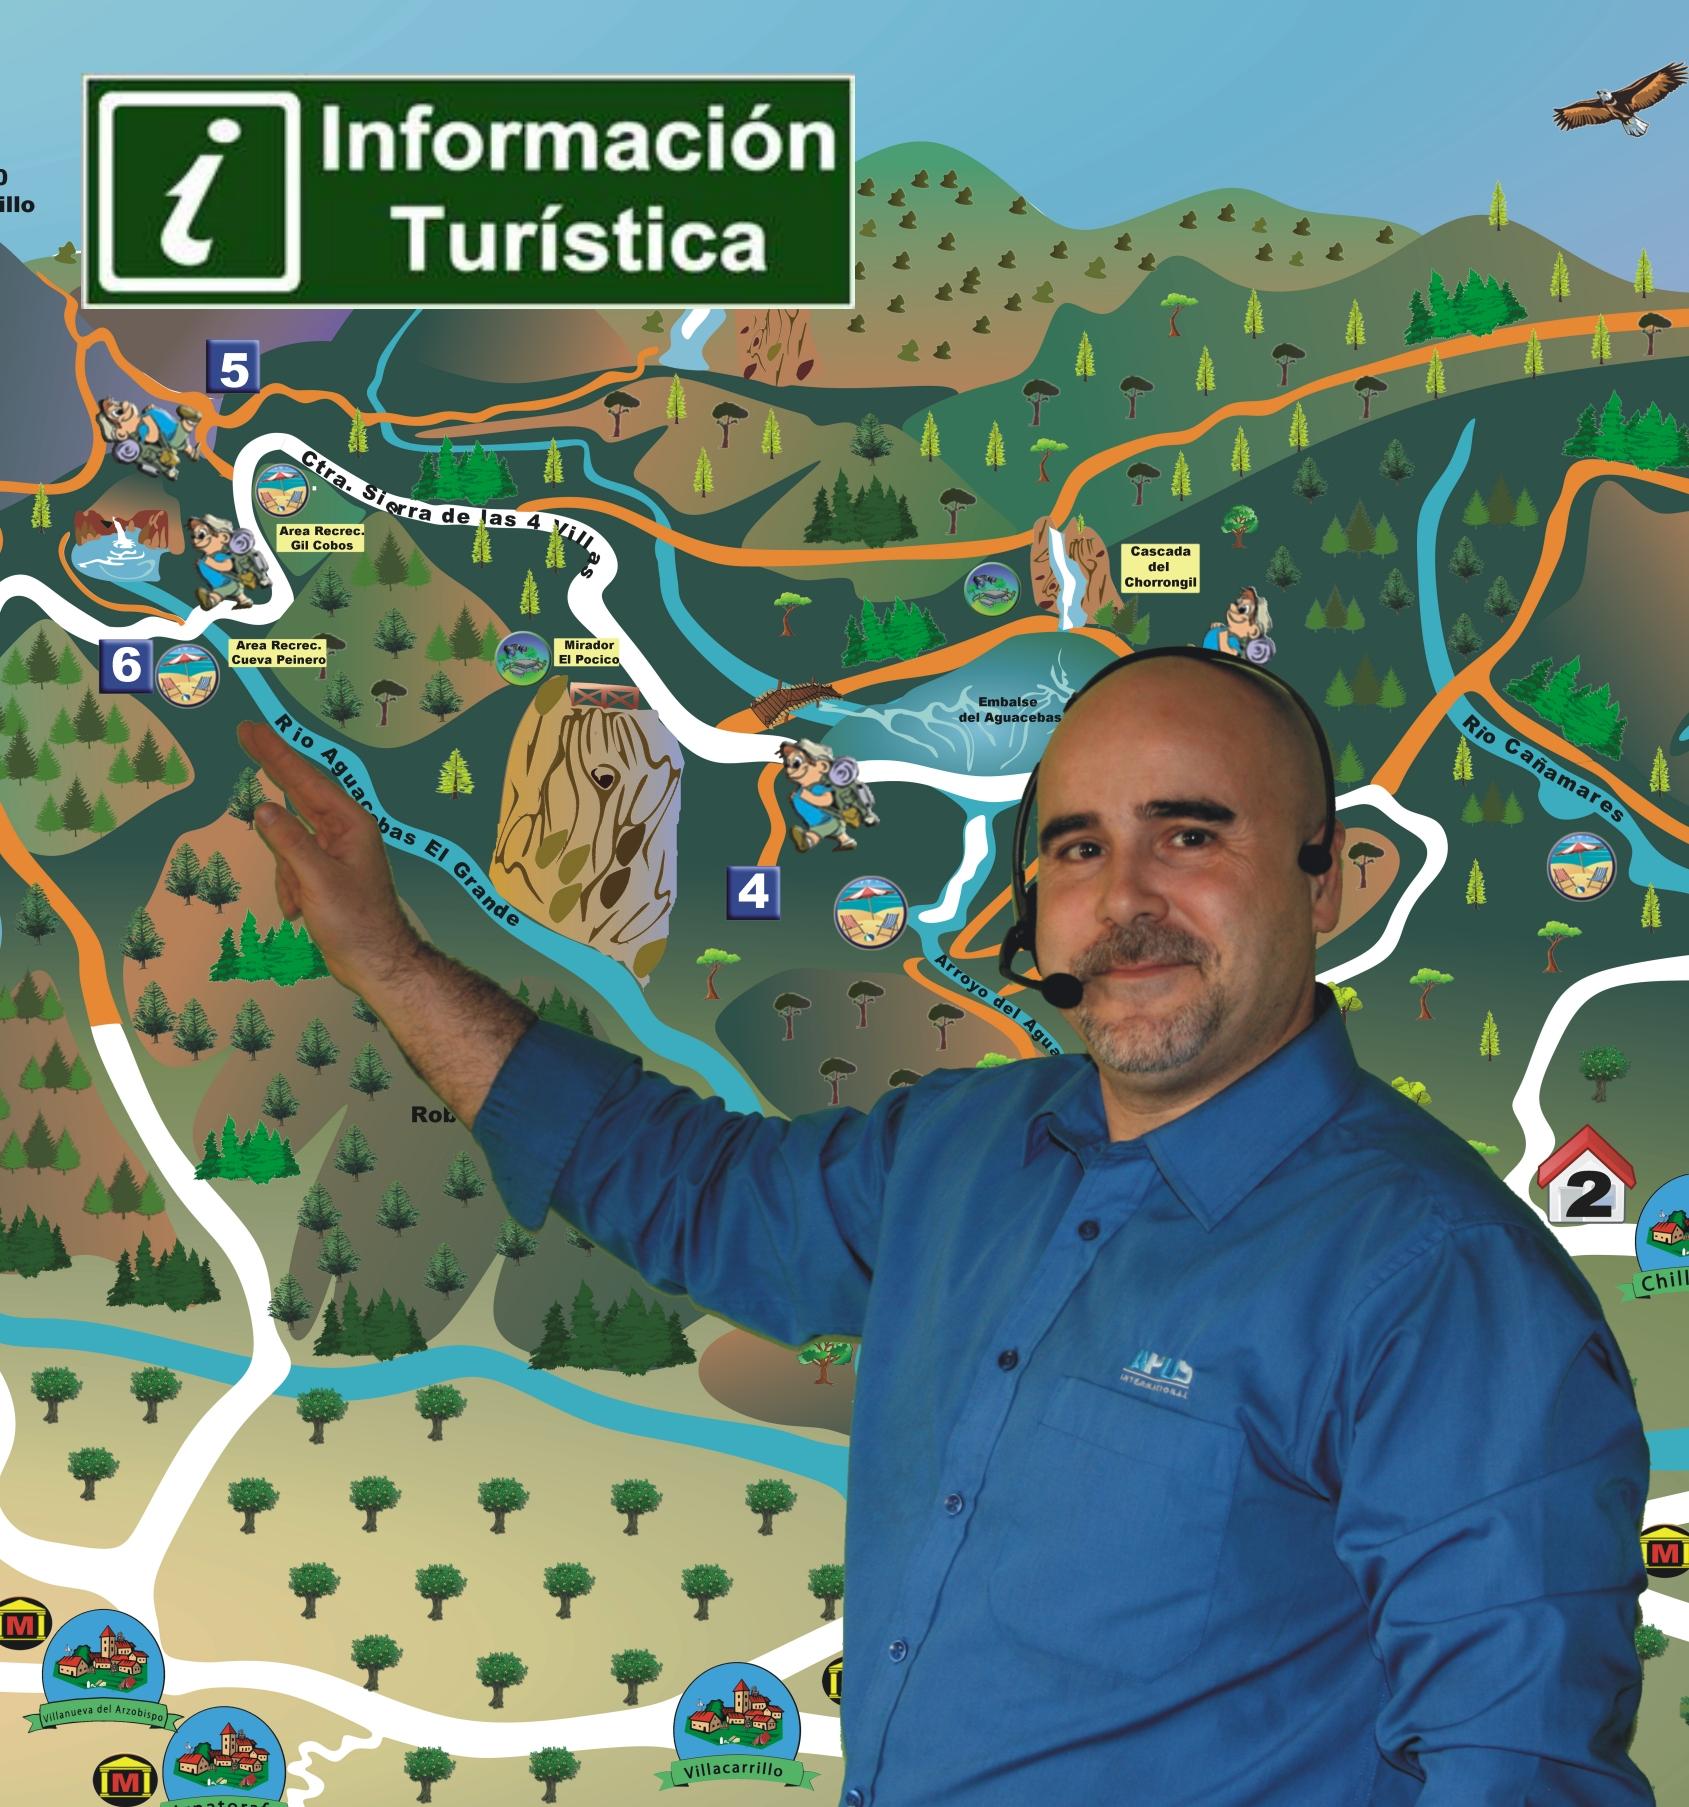 Como responsables de la Oficina de Turismo de Cazorla APUS, disponemos de un servicio 24 horas para ayudarle en los problemas que le puedan surgirle mientras estén realizando sus excursiones.